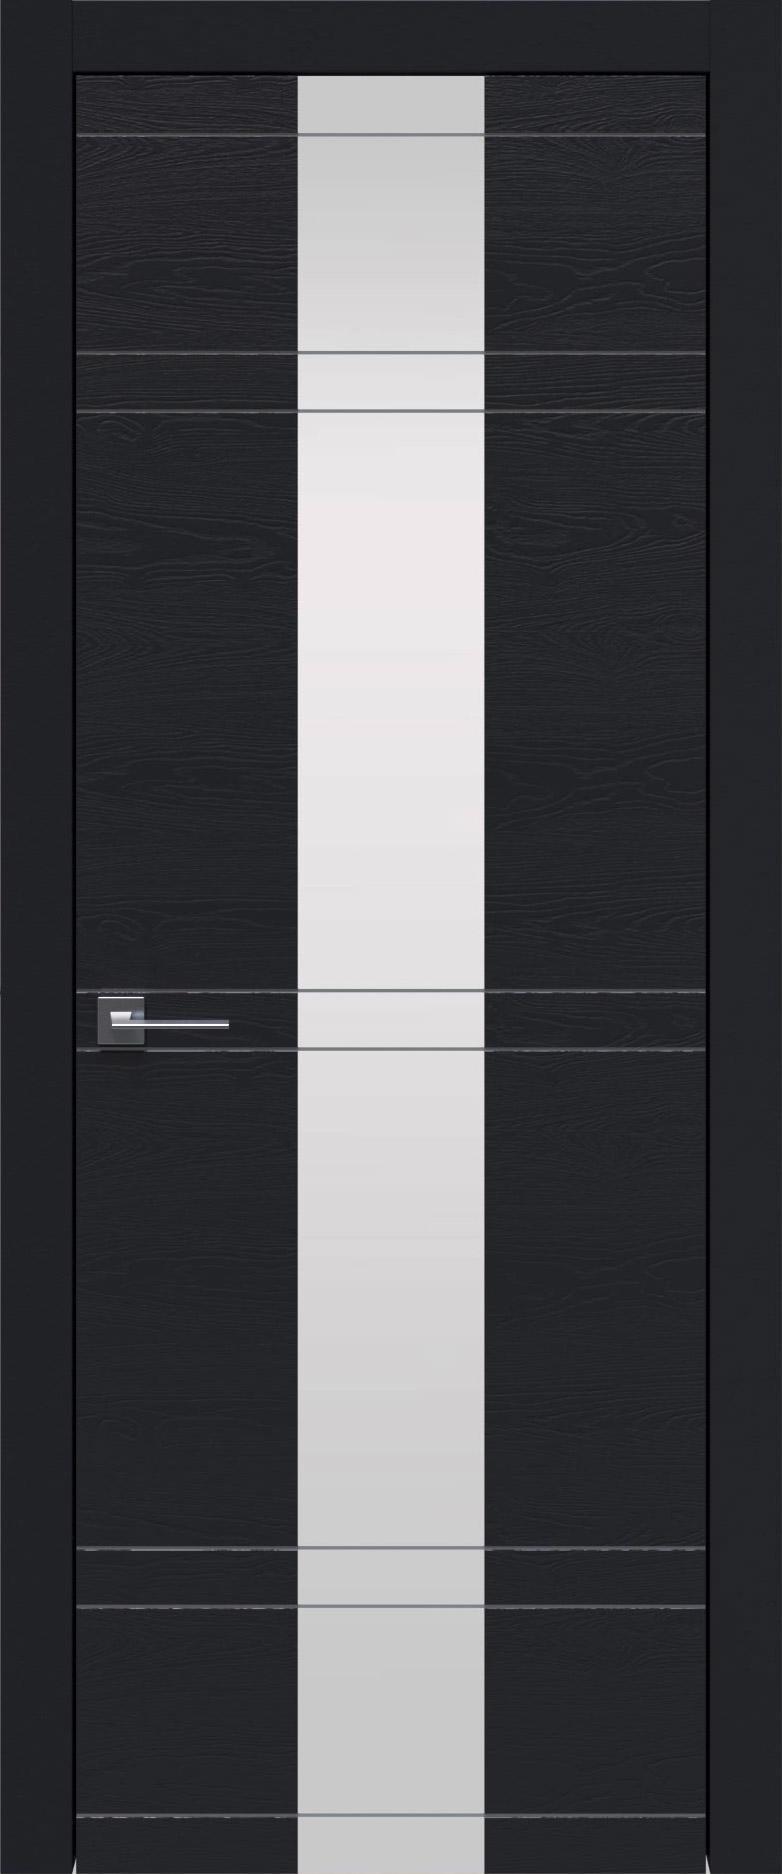 Tivoli Ж-4 цвет - Черная эмаль по шпону (RAL 9004) Со стеклом (ДО)